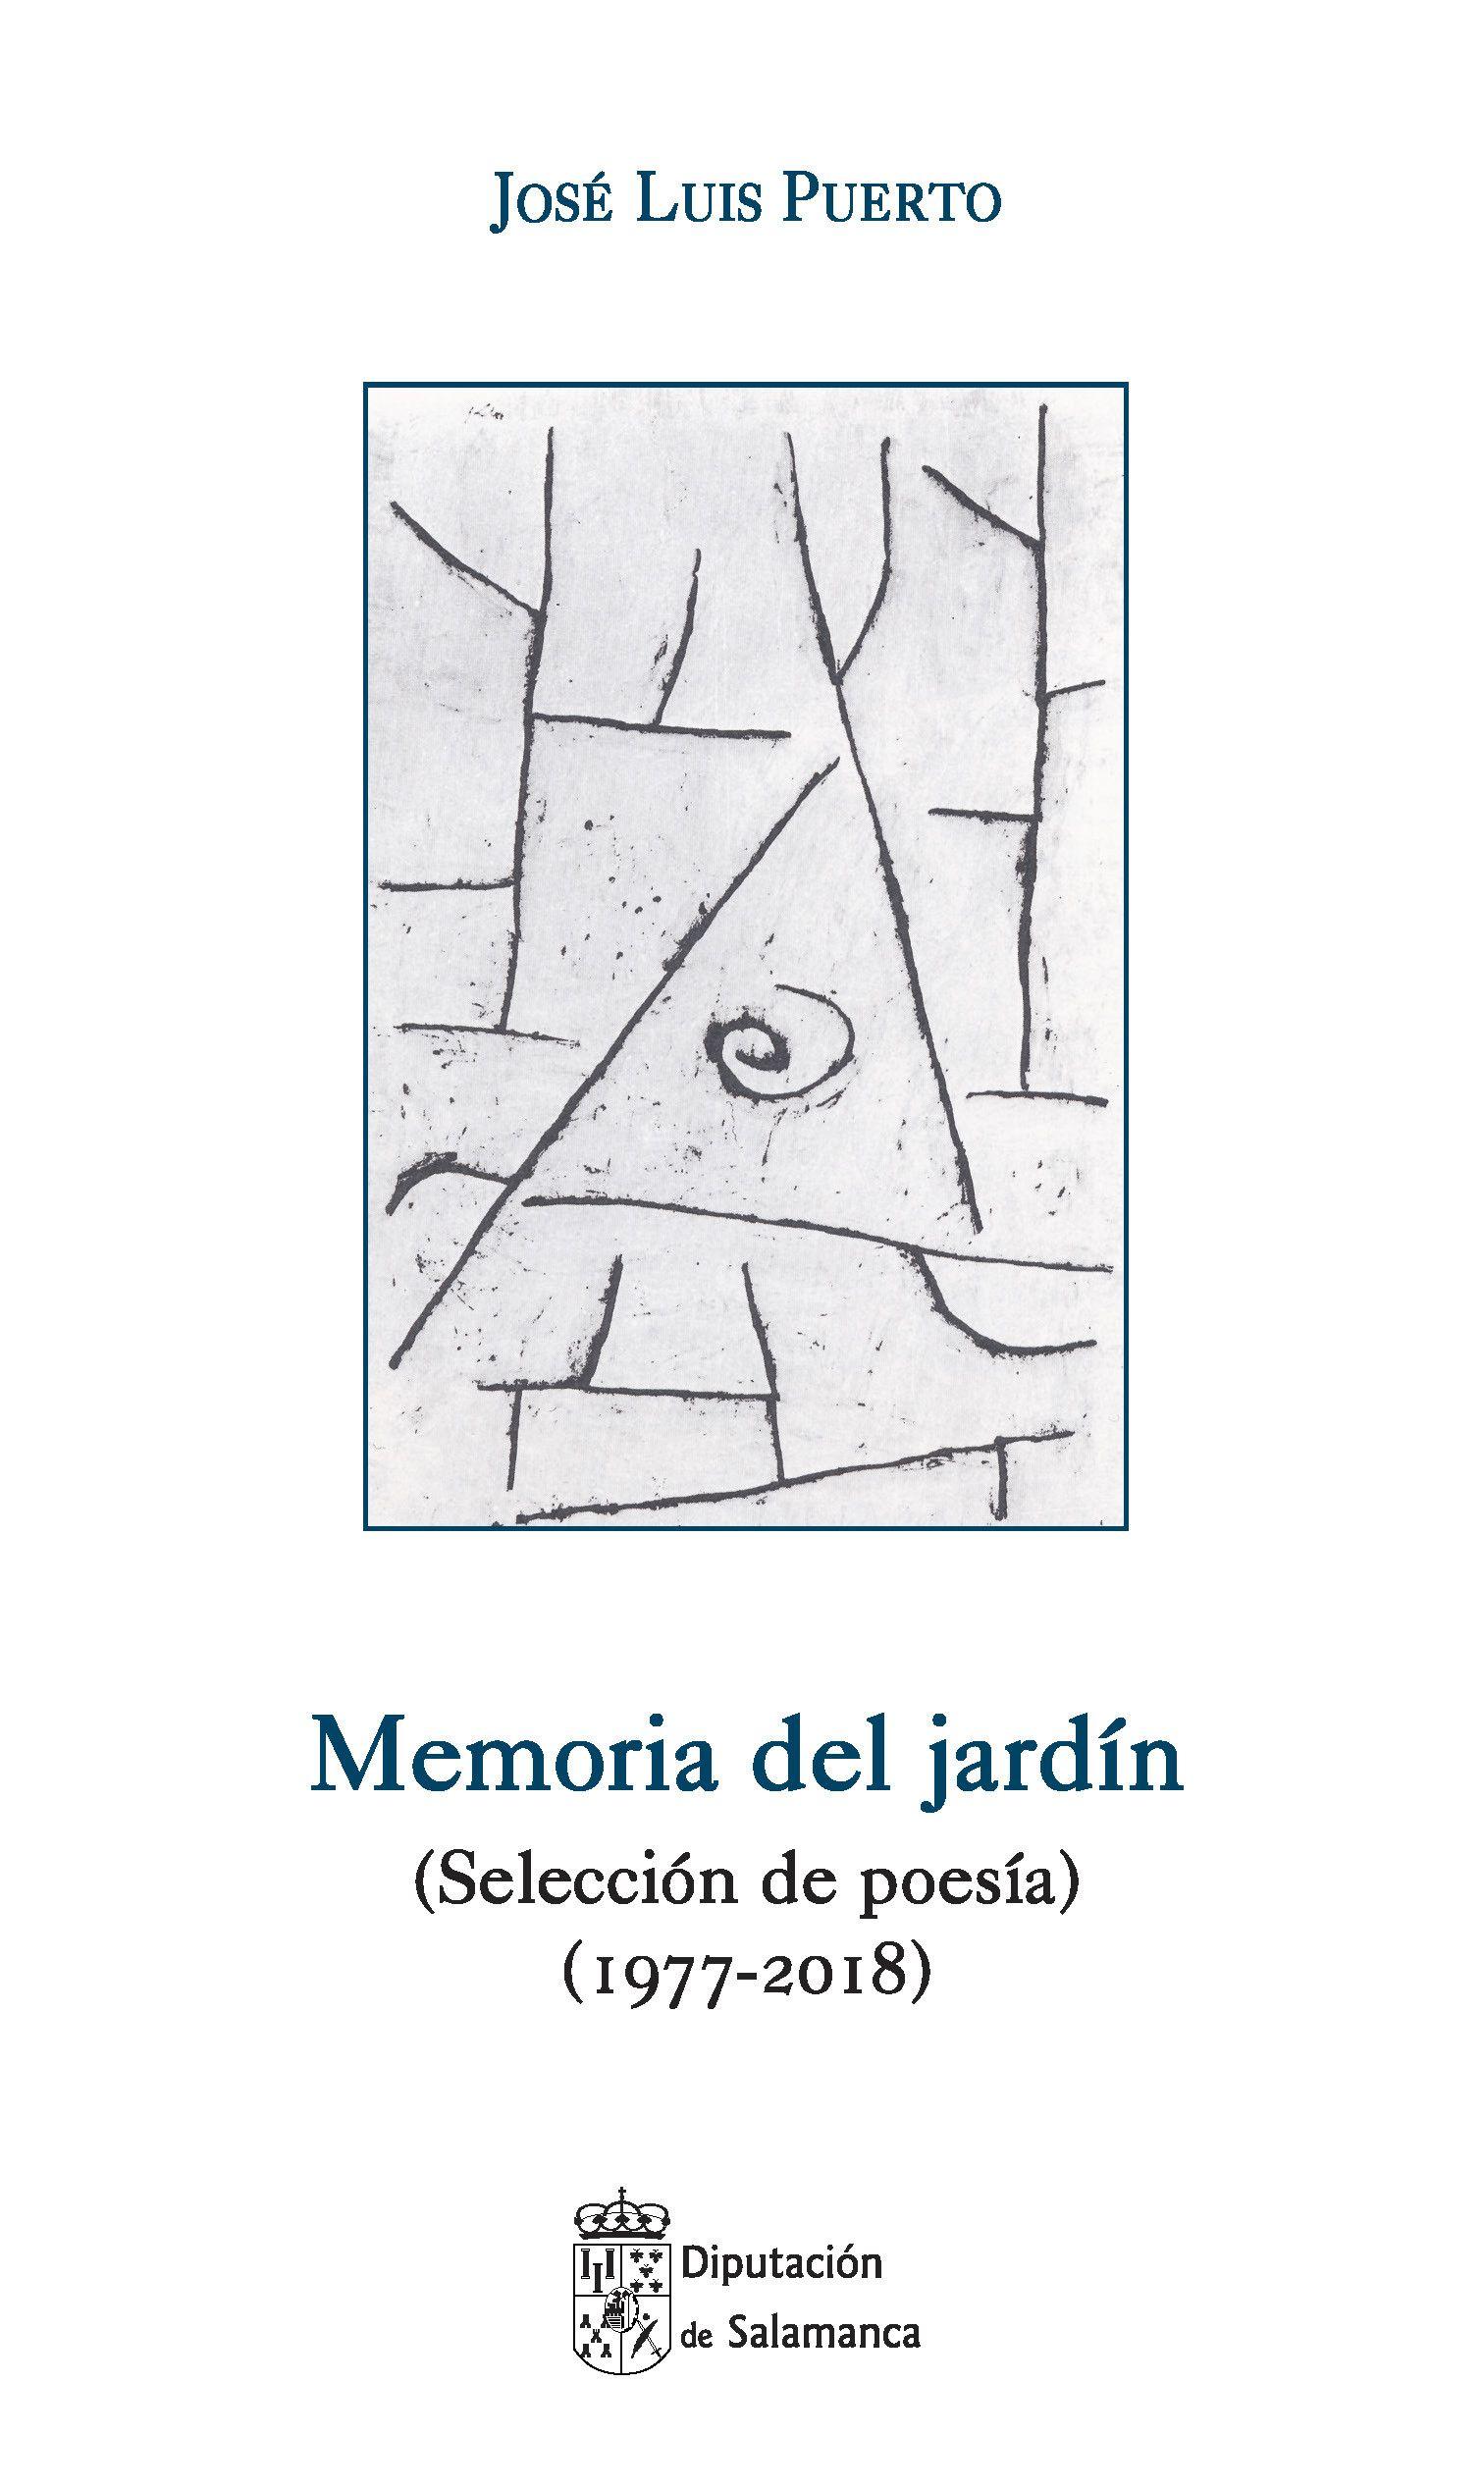 Cubierta Libro Memoria del Jardín. JL Puerto